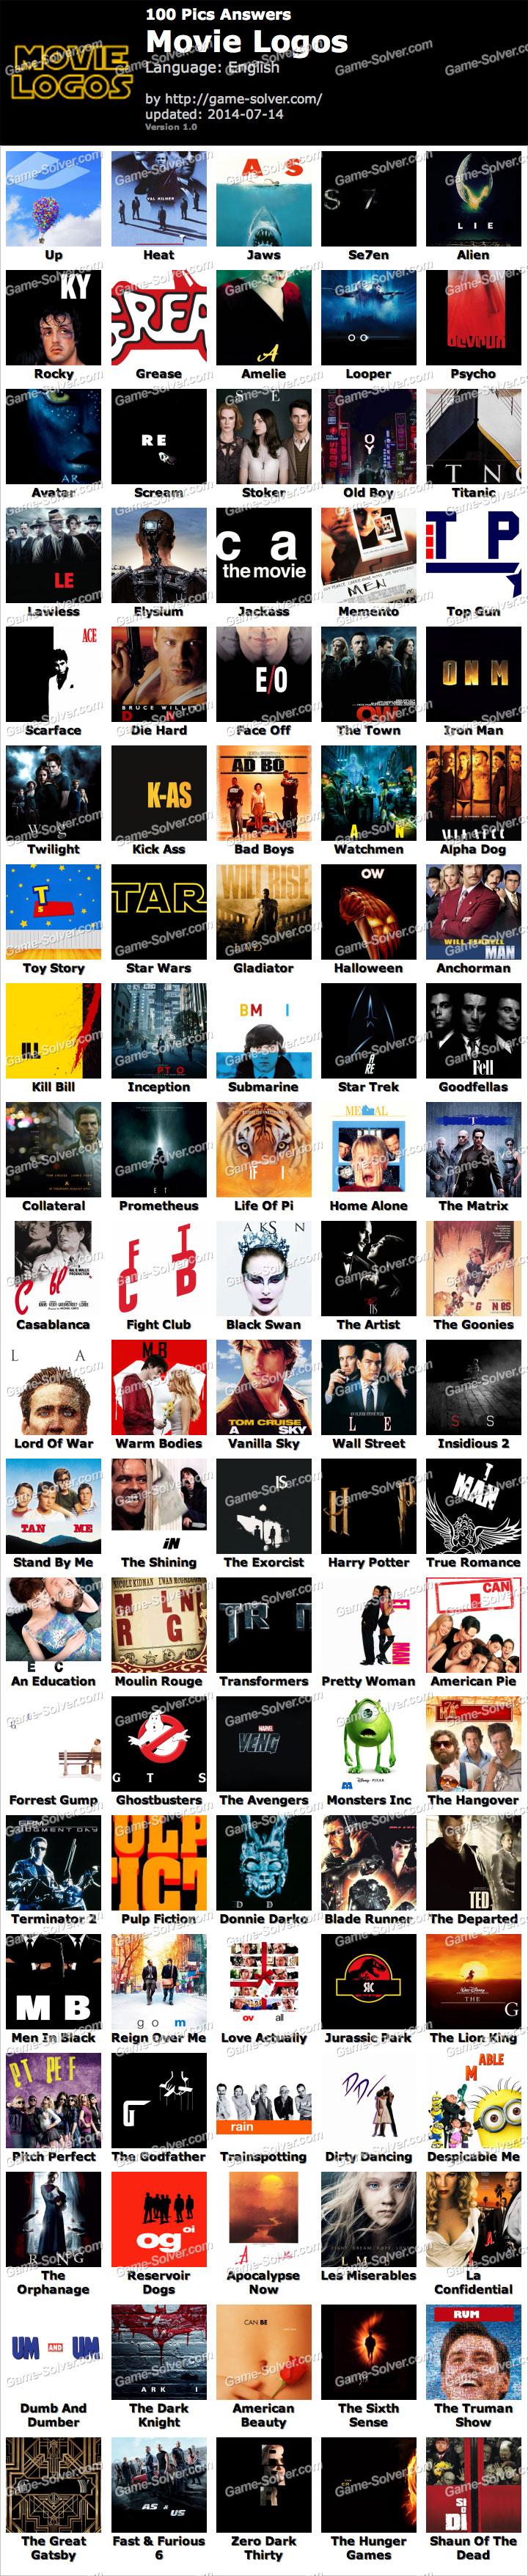 100 Pics Movie Logos